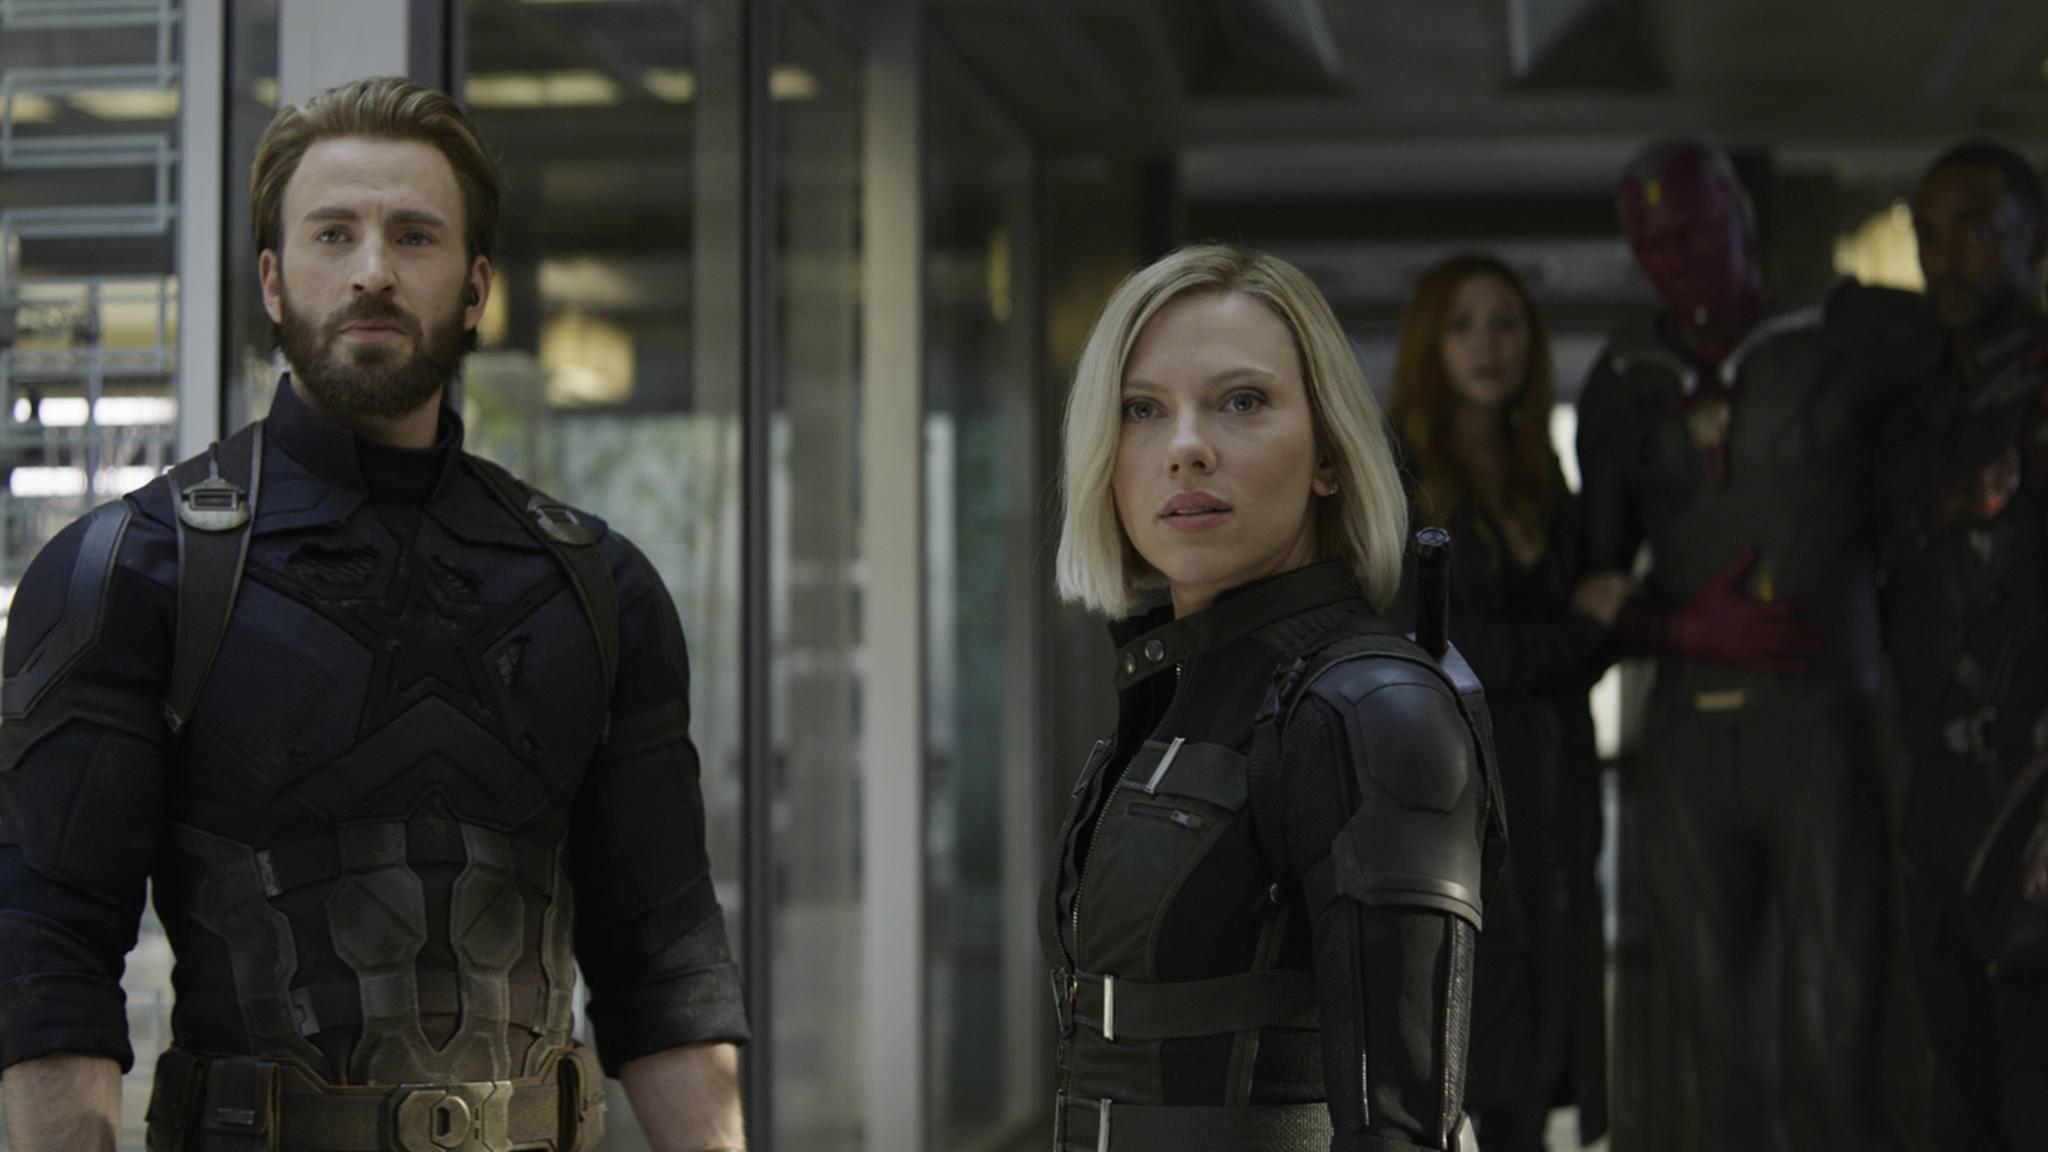 The Wasp führte die Avengers am zweitlängsten an – am längsten hielt sich Captain America (Chris Evans, links) als Anführer der Rächer.